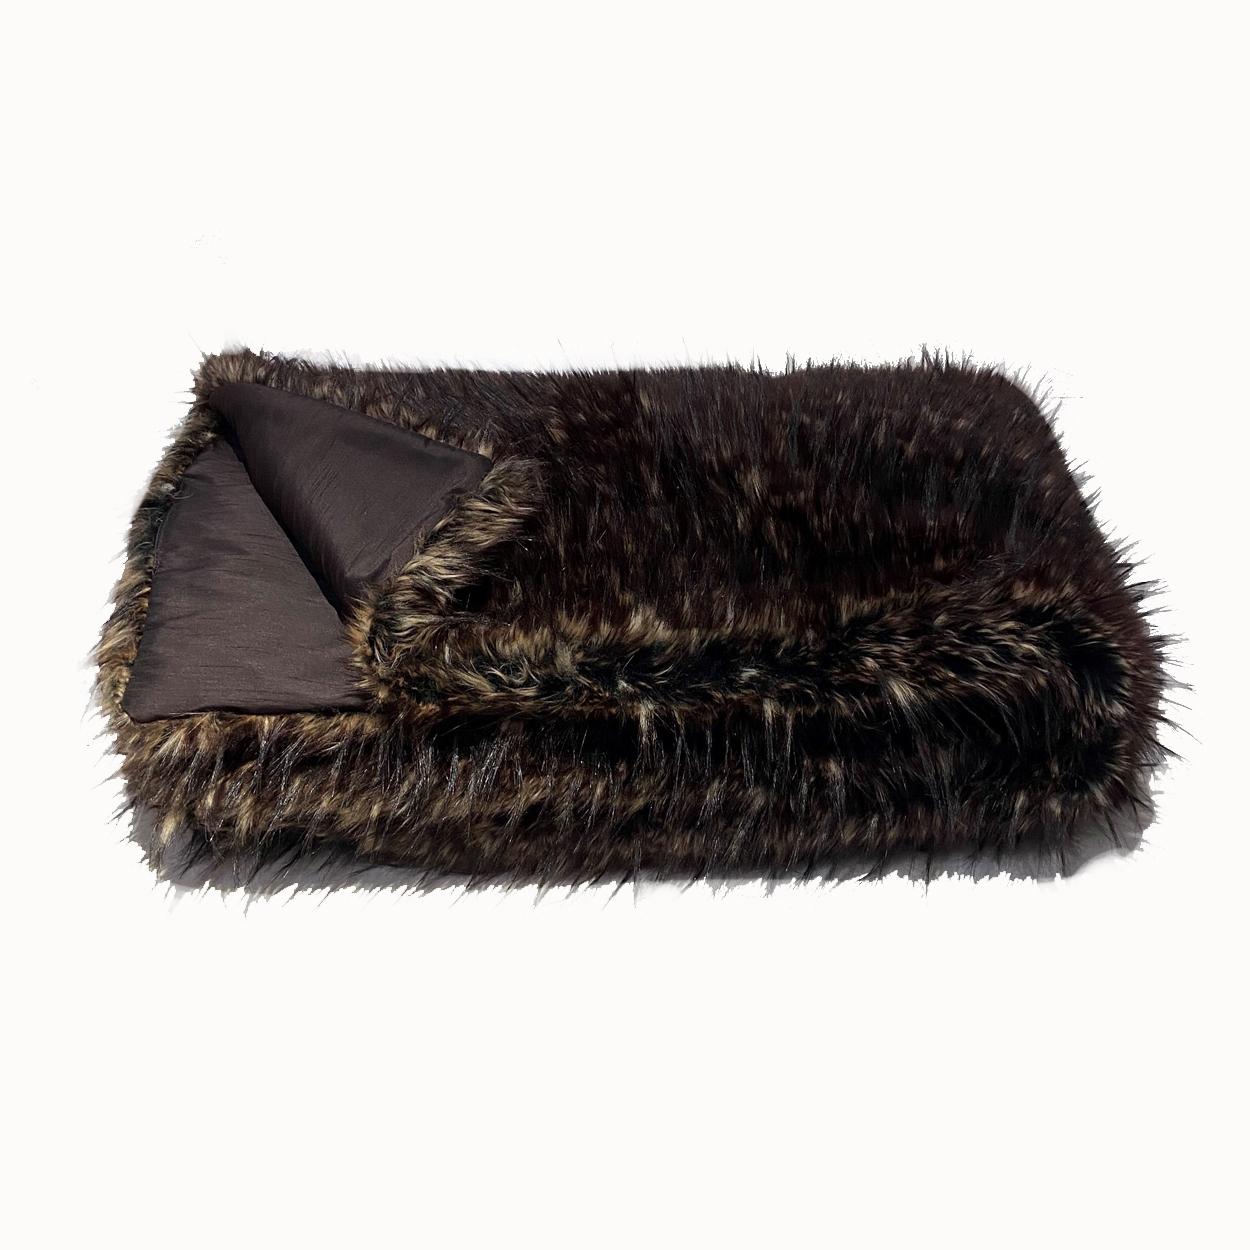 Faux Fur Throw – BEAR